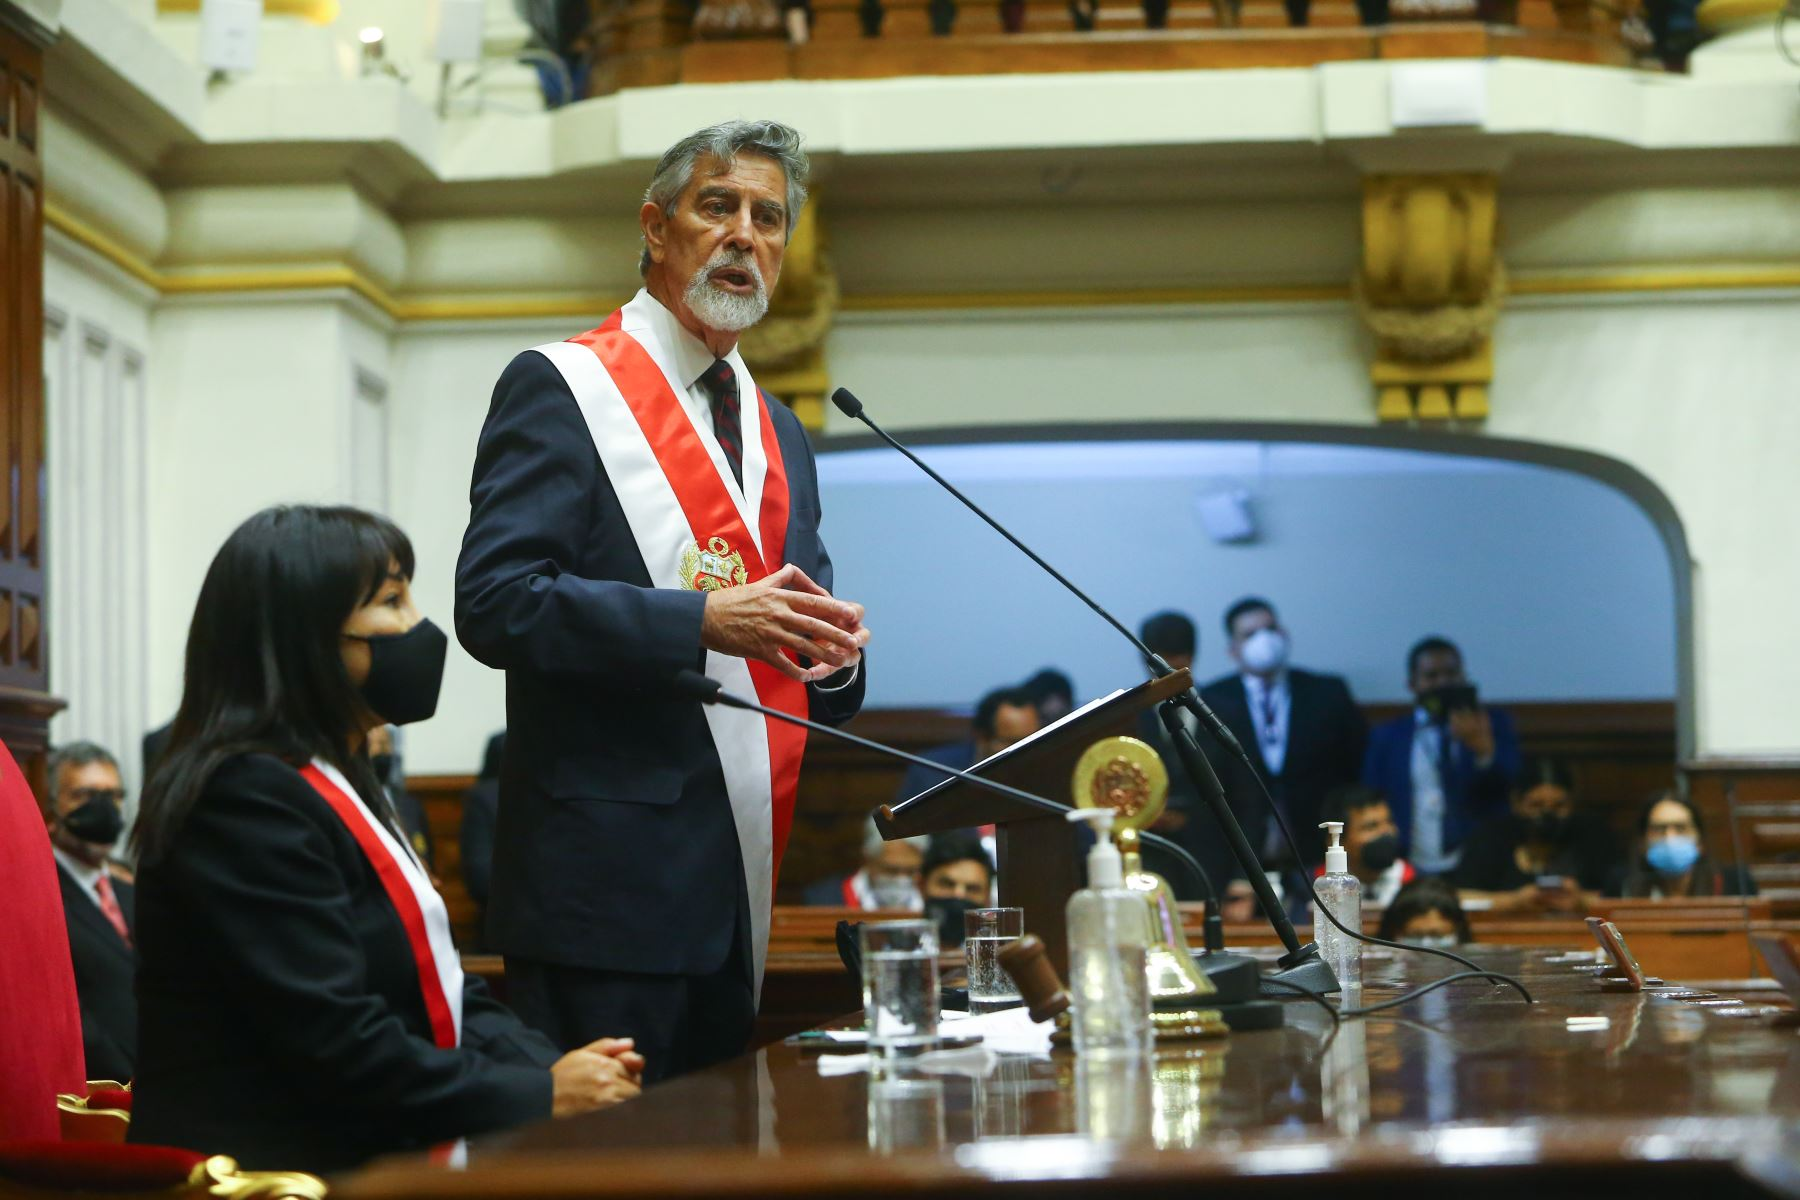 presidente-sagasti-gobierno-apoyara-la-lucha-contra-la-corrupcion